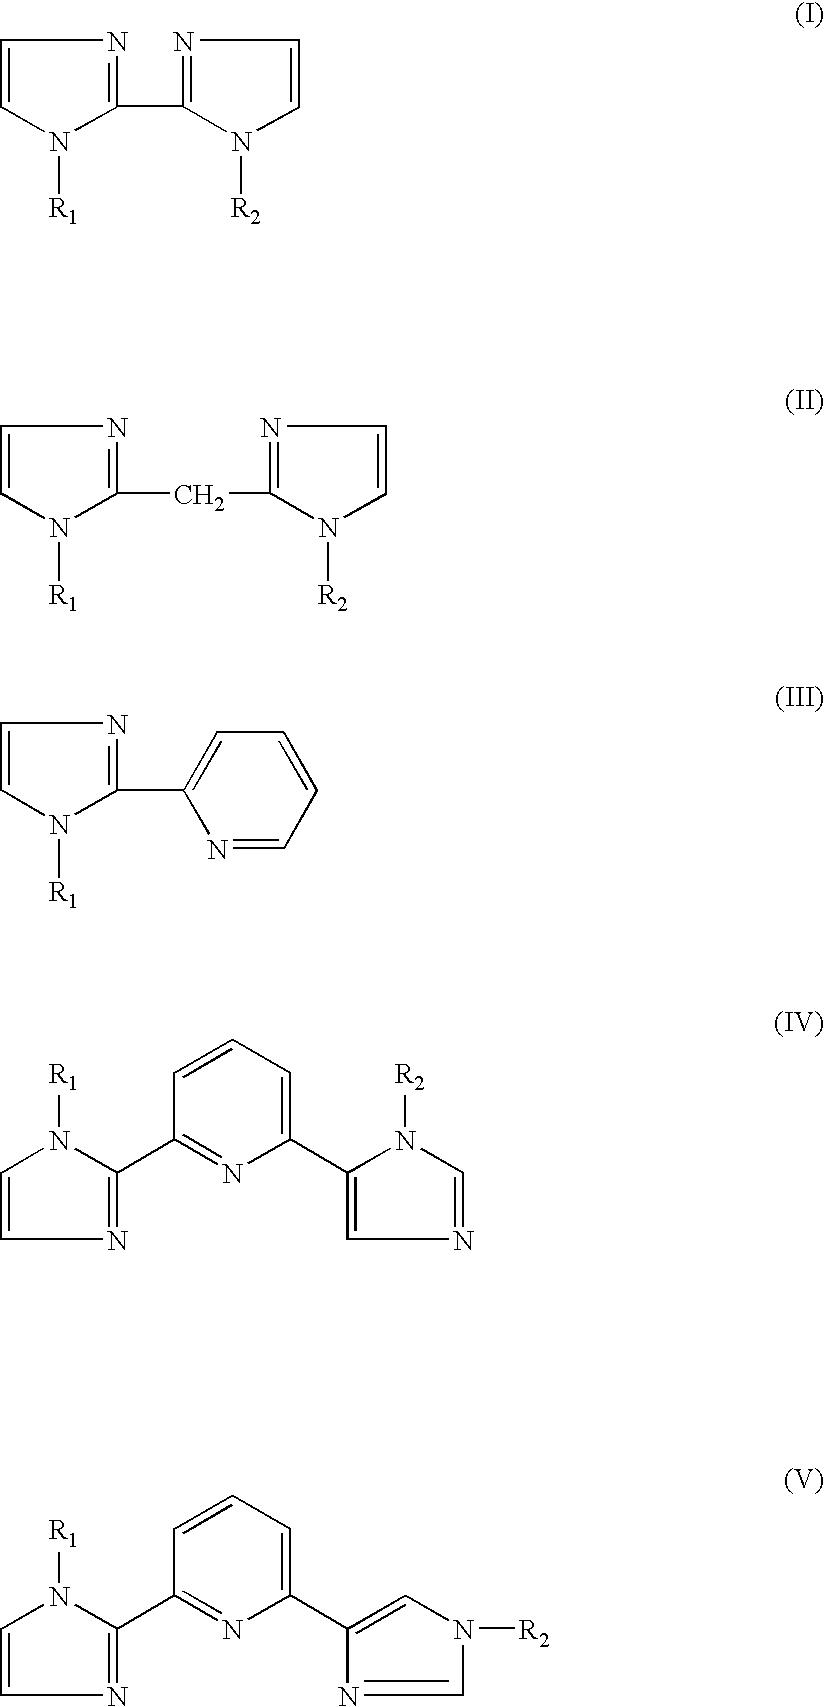 Figure US20070193019A1-20070823-C00001